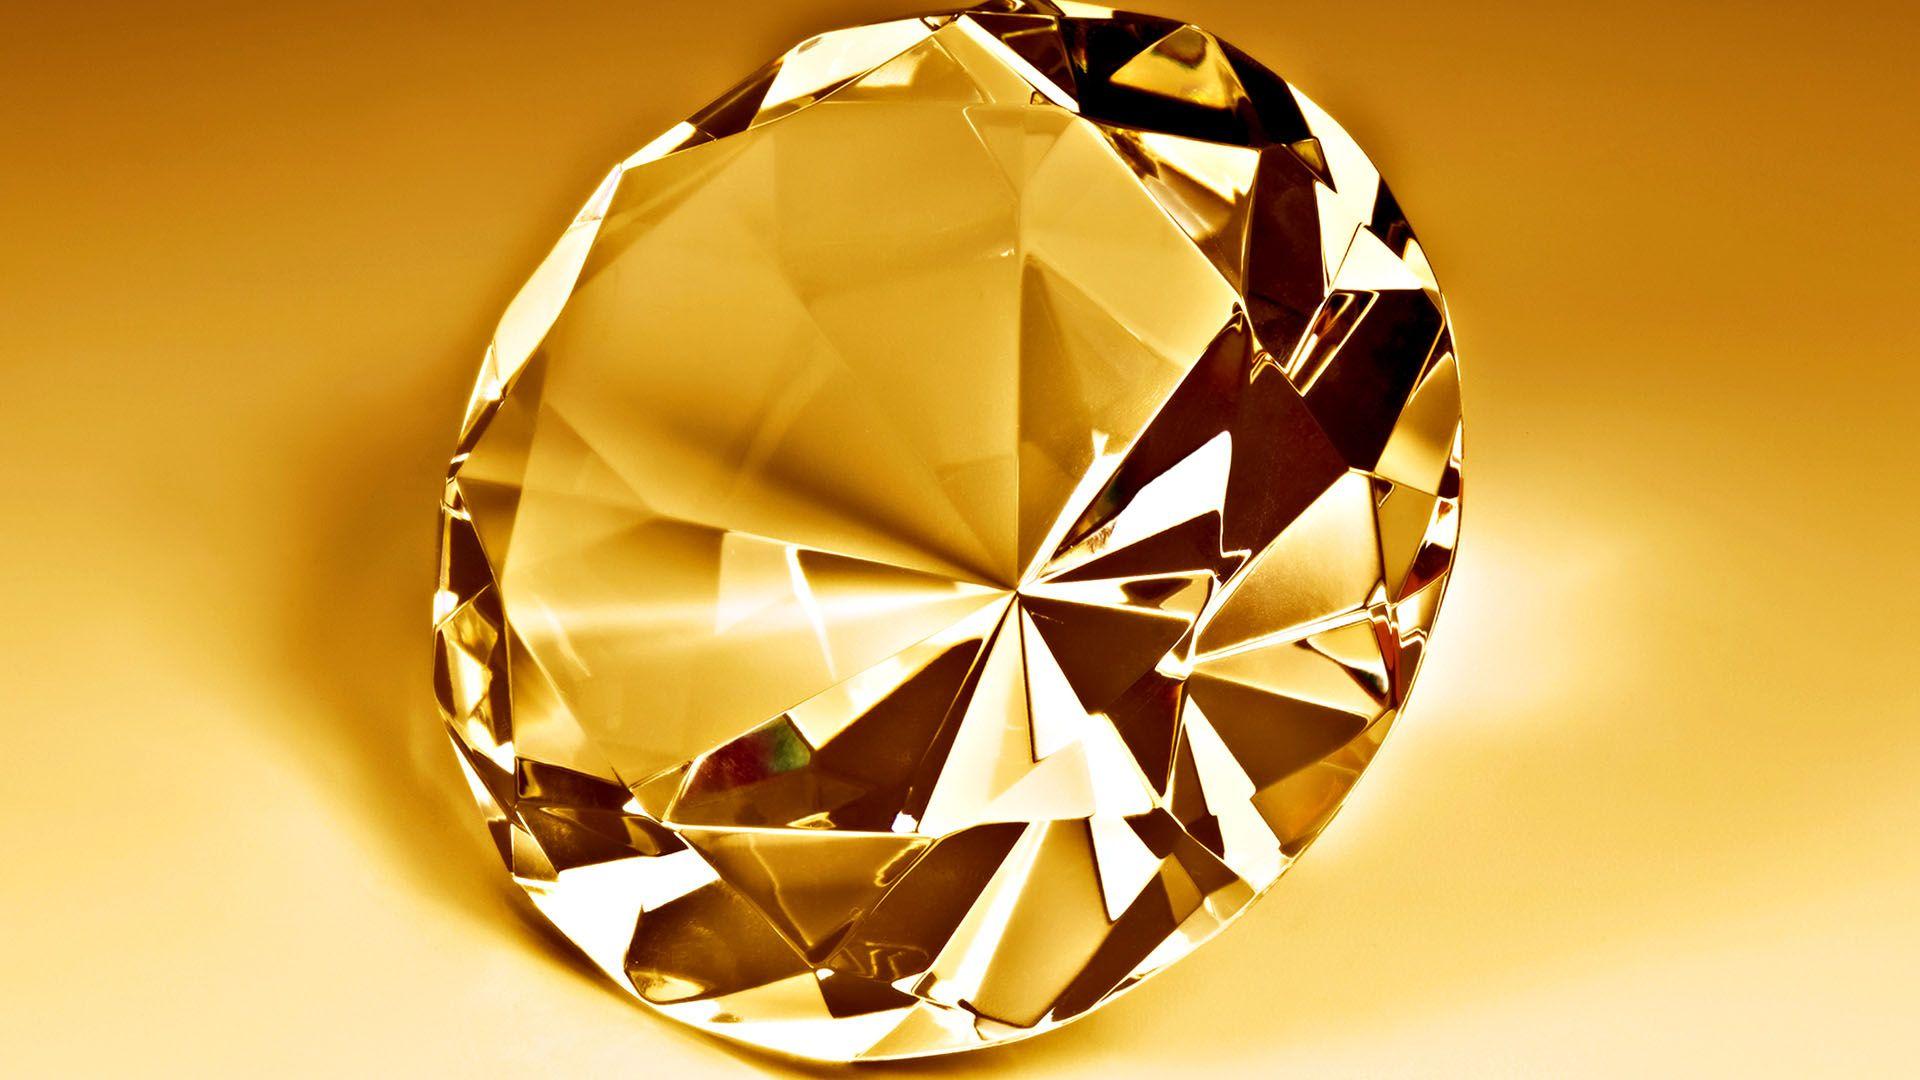 3D Diamond Gold Wallpapers HD Richness Pinterest Gold